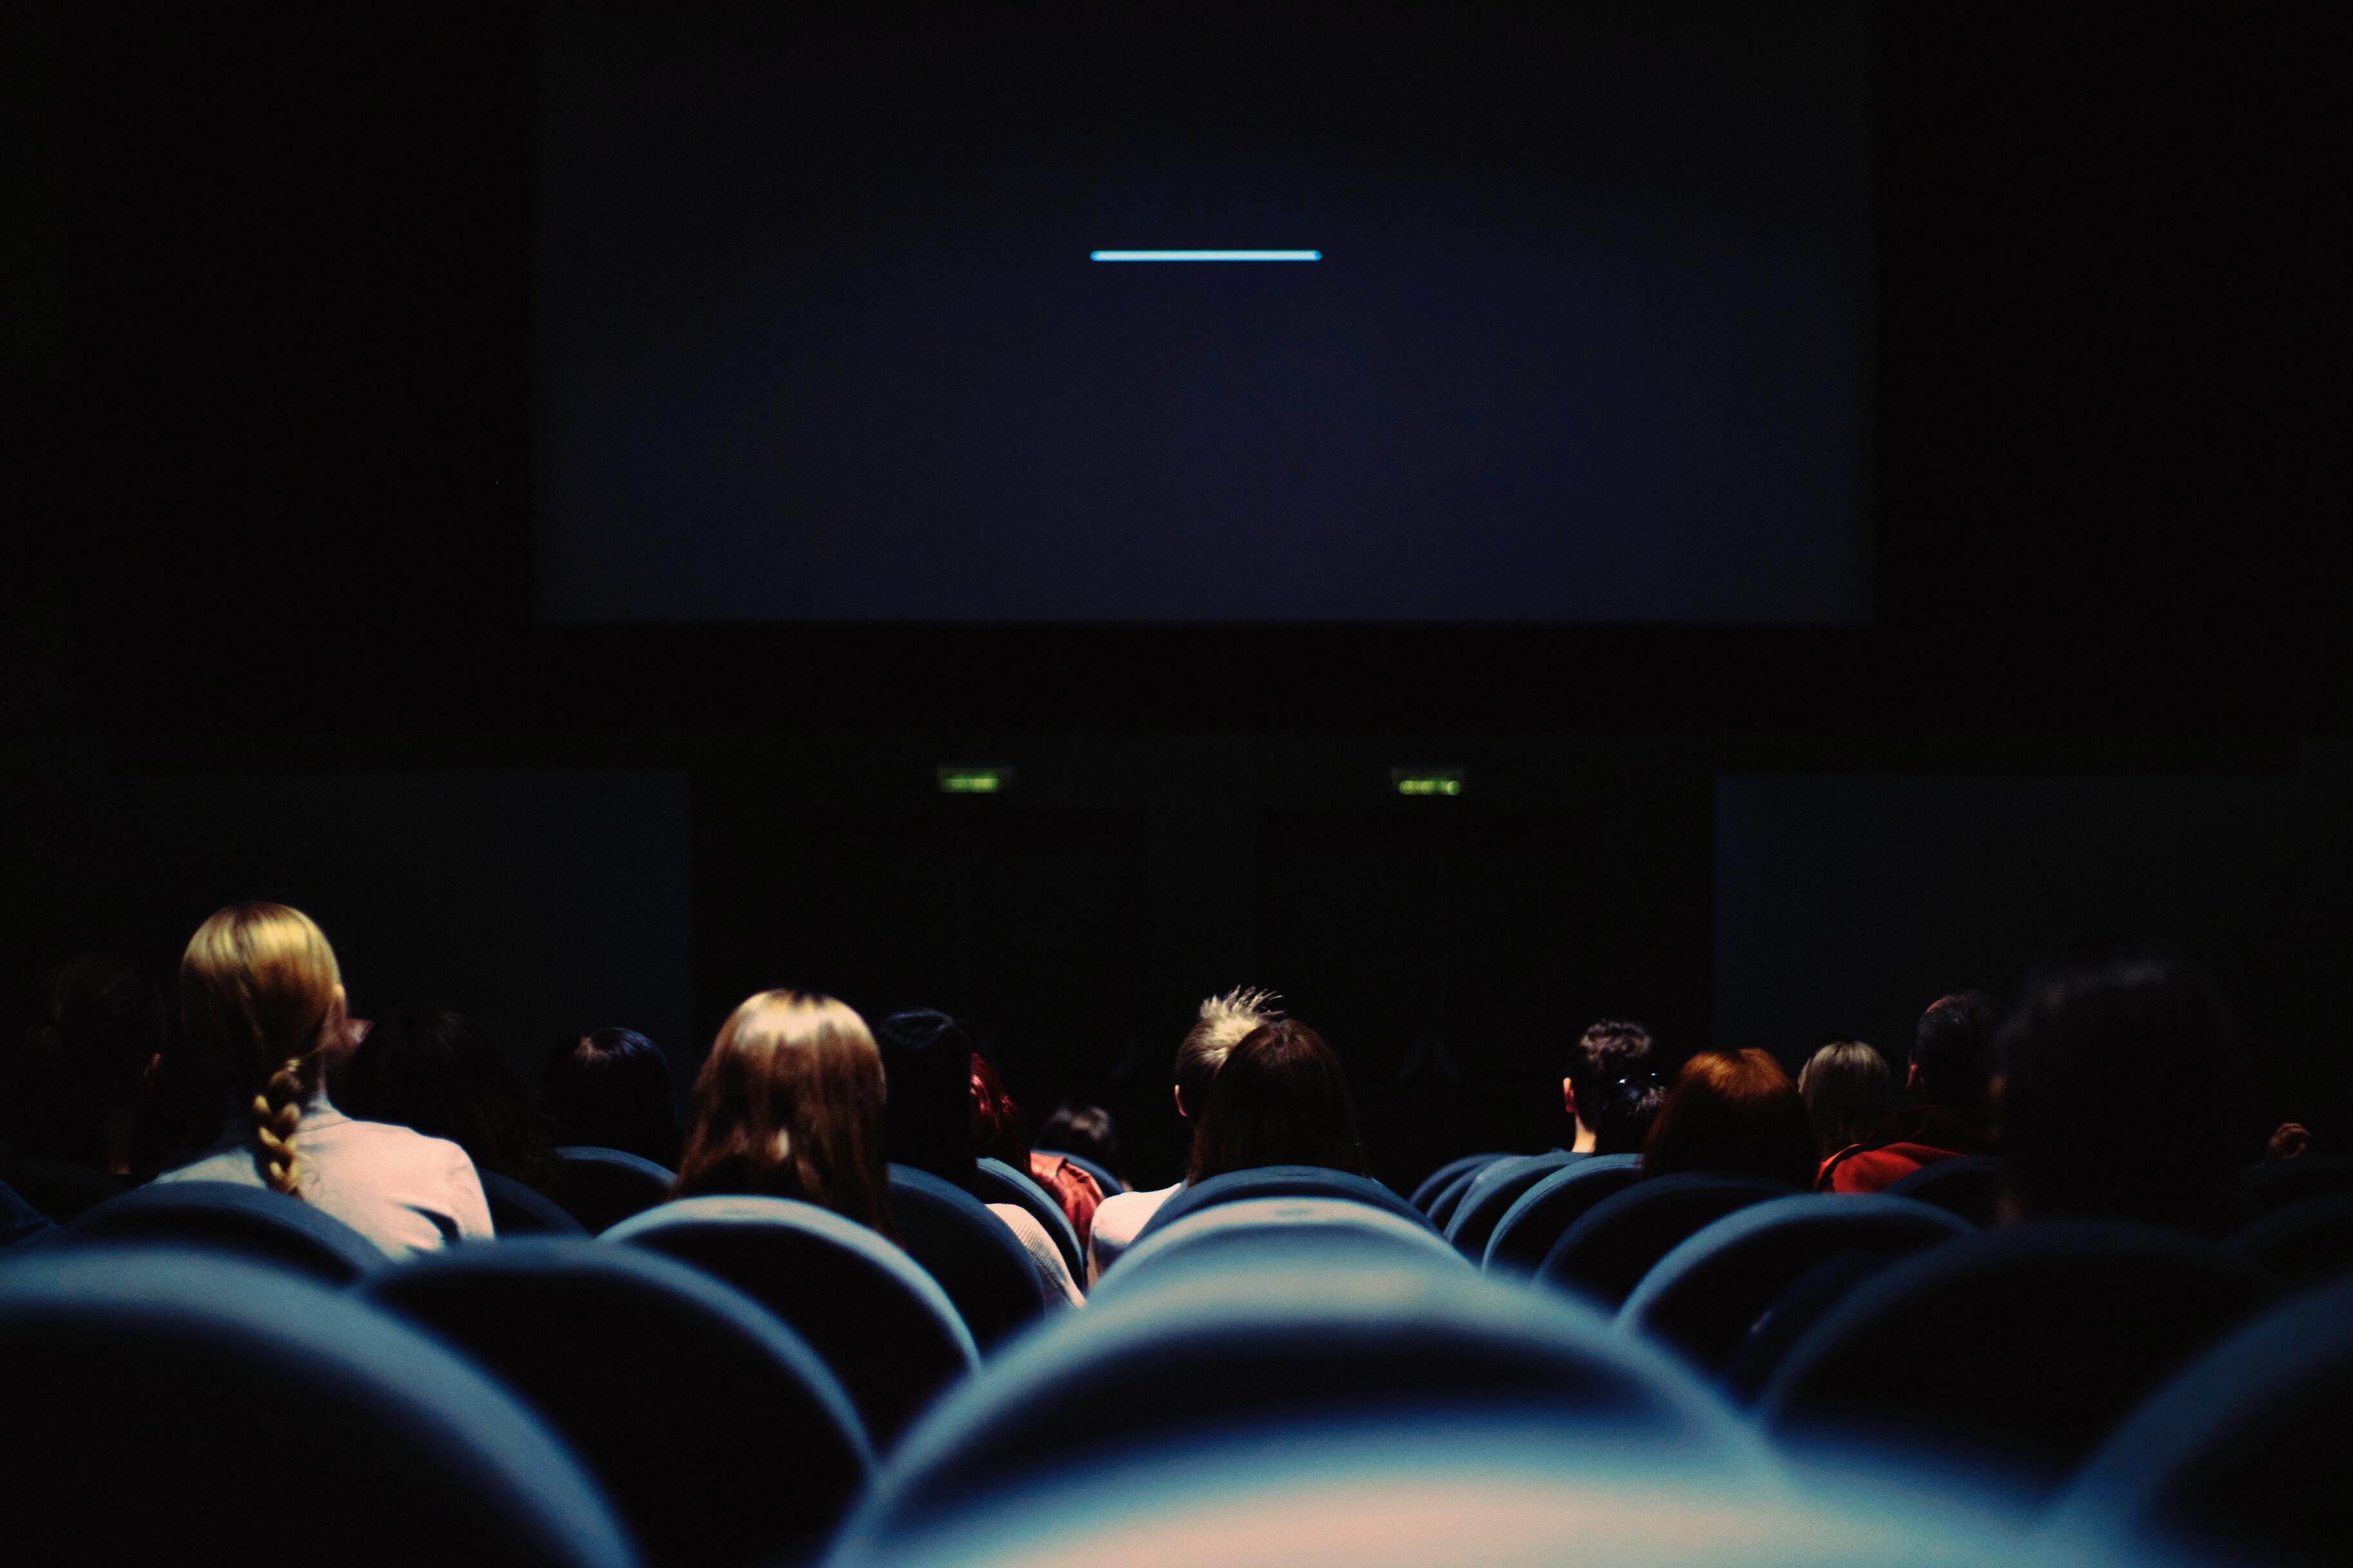 Кинотеатры начали сдавать залы в аренду компьютерным игрокам